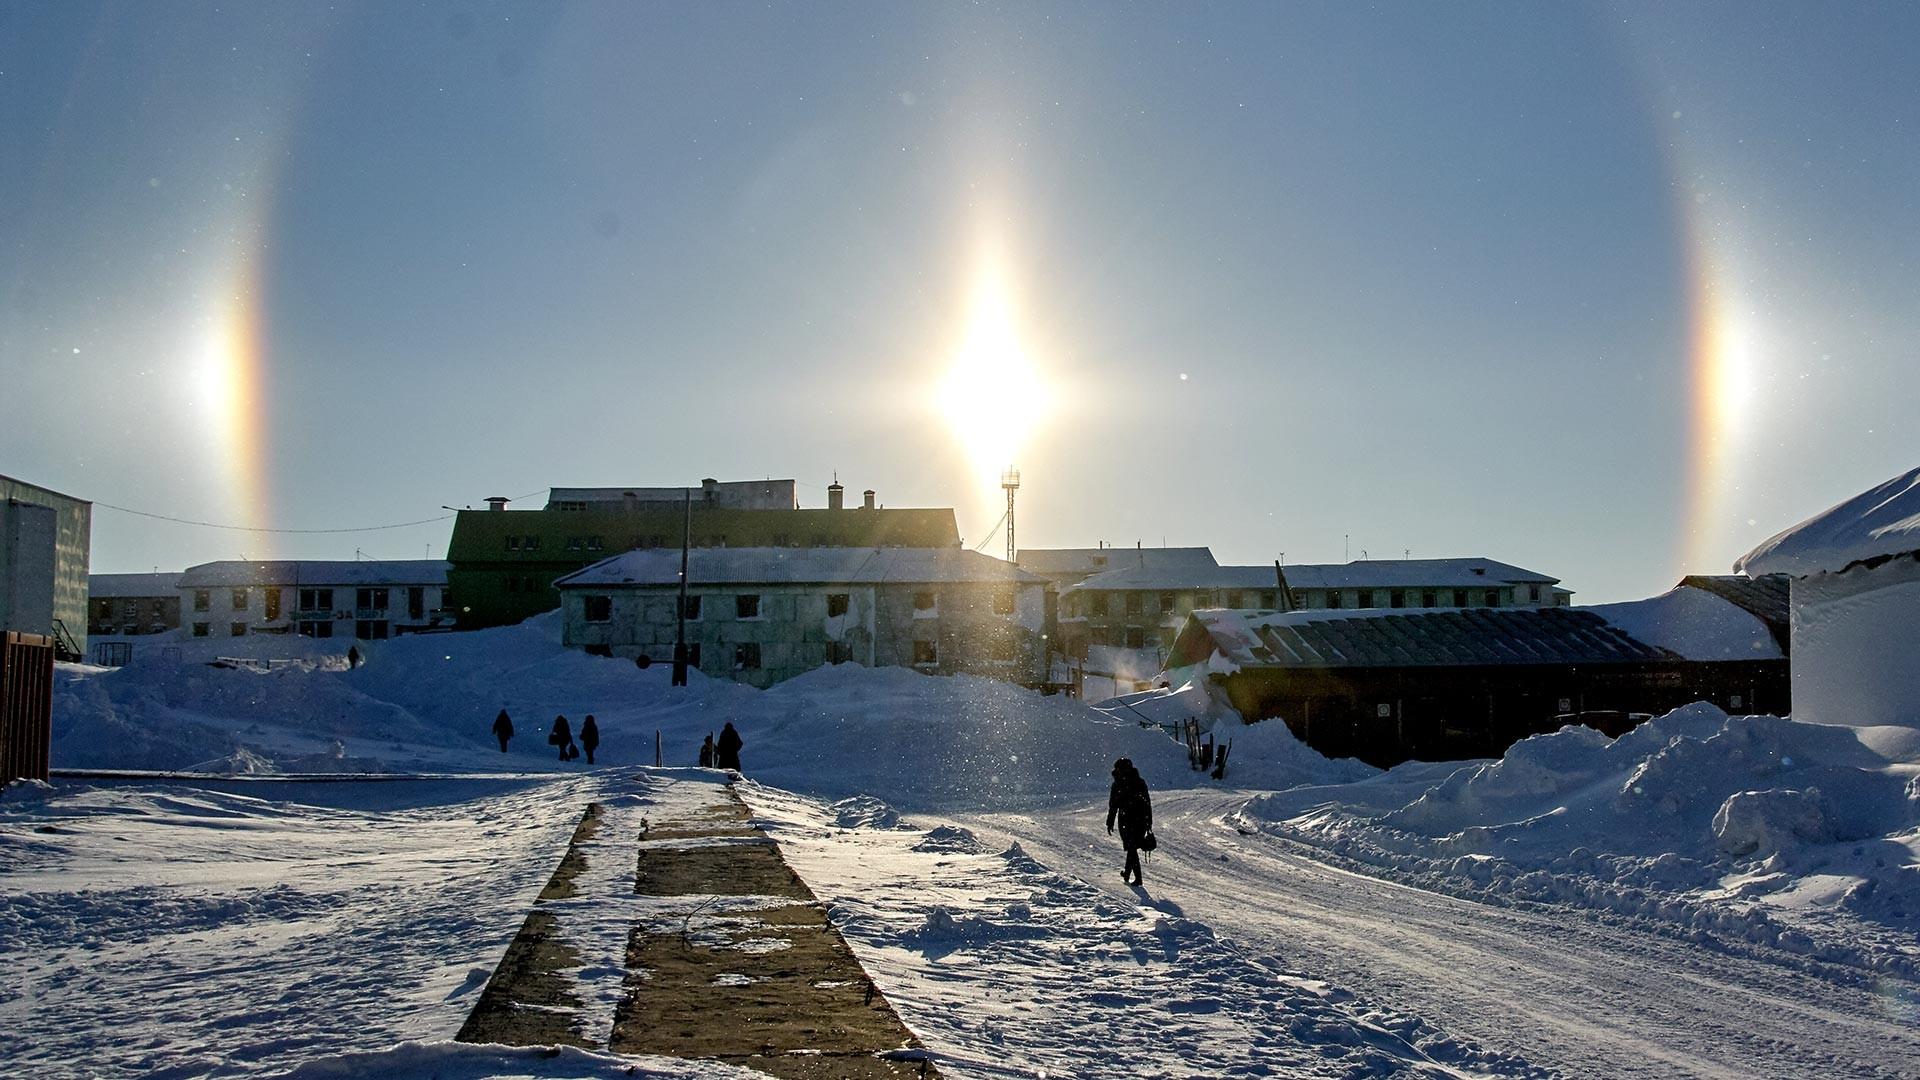 Насеље Диксон. Најсеверније насеље у Русији налази се у Тајмирском Долгано-Ненецком аутономном округу Краснојарског краја.